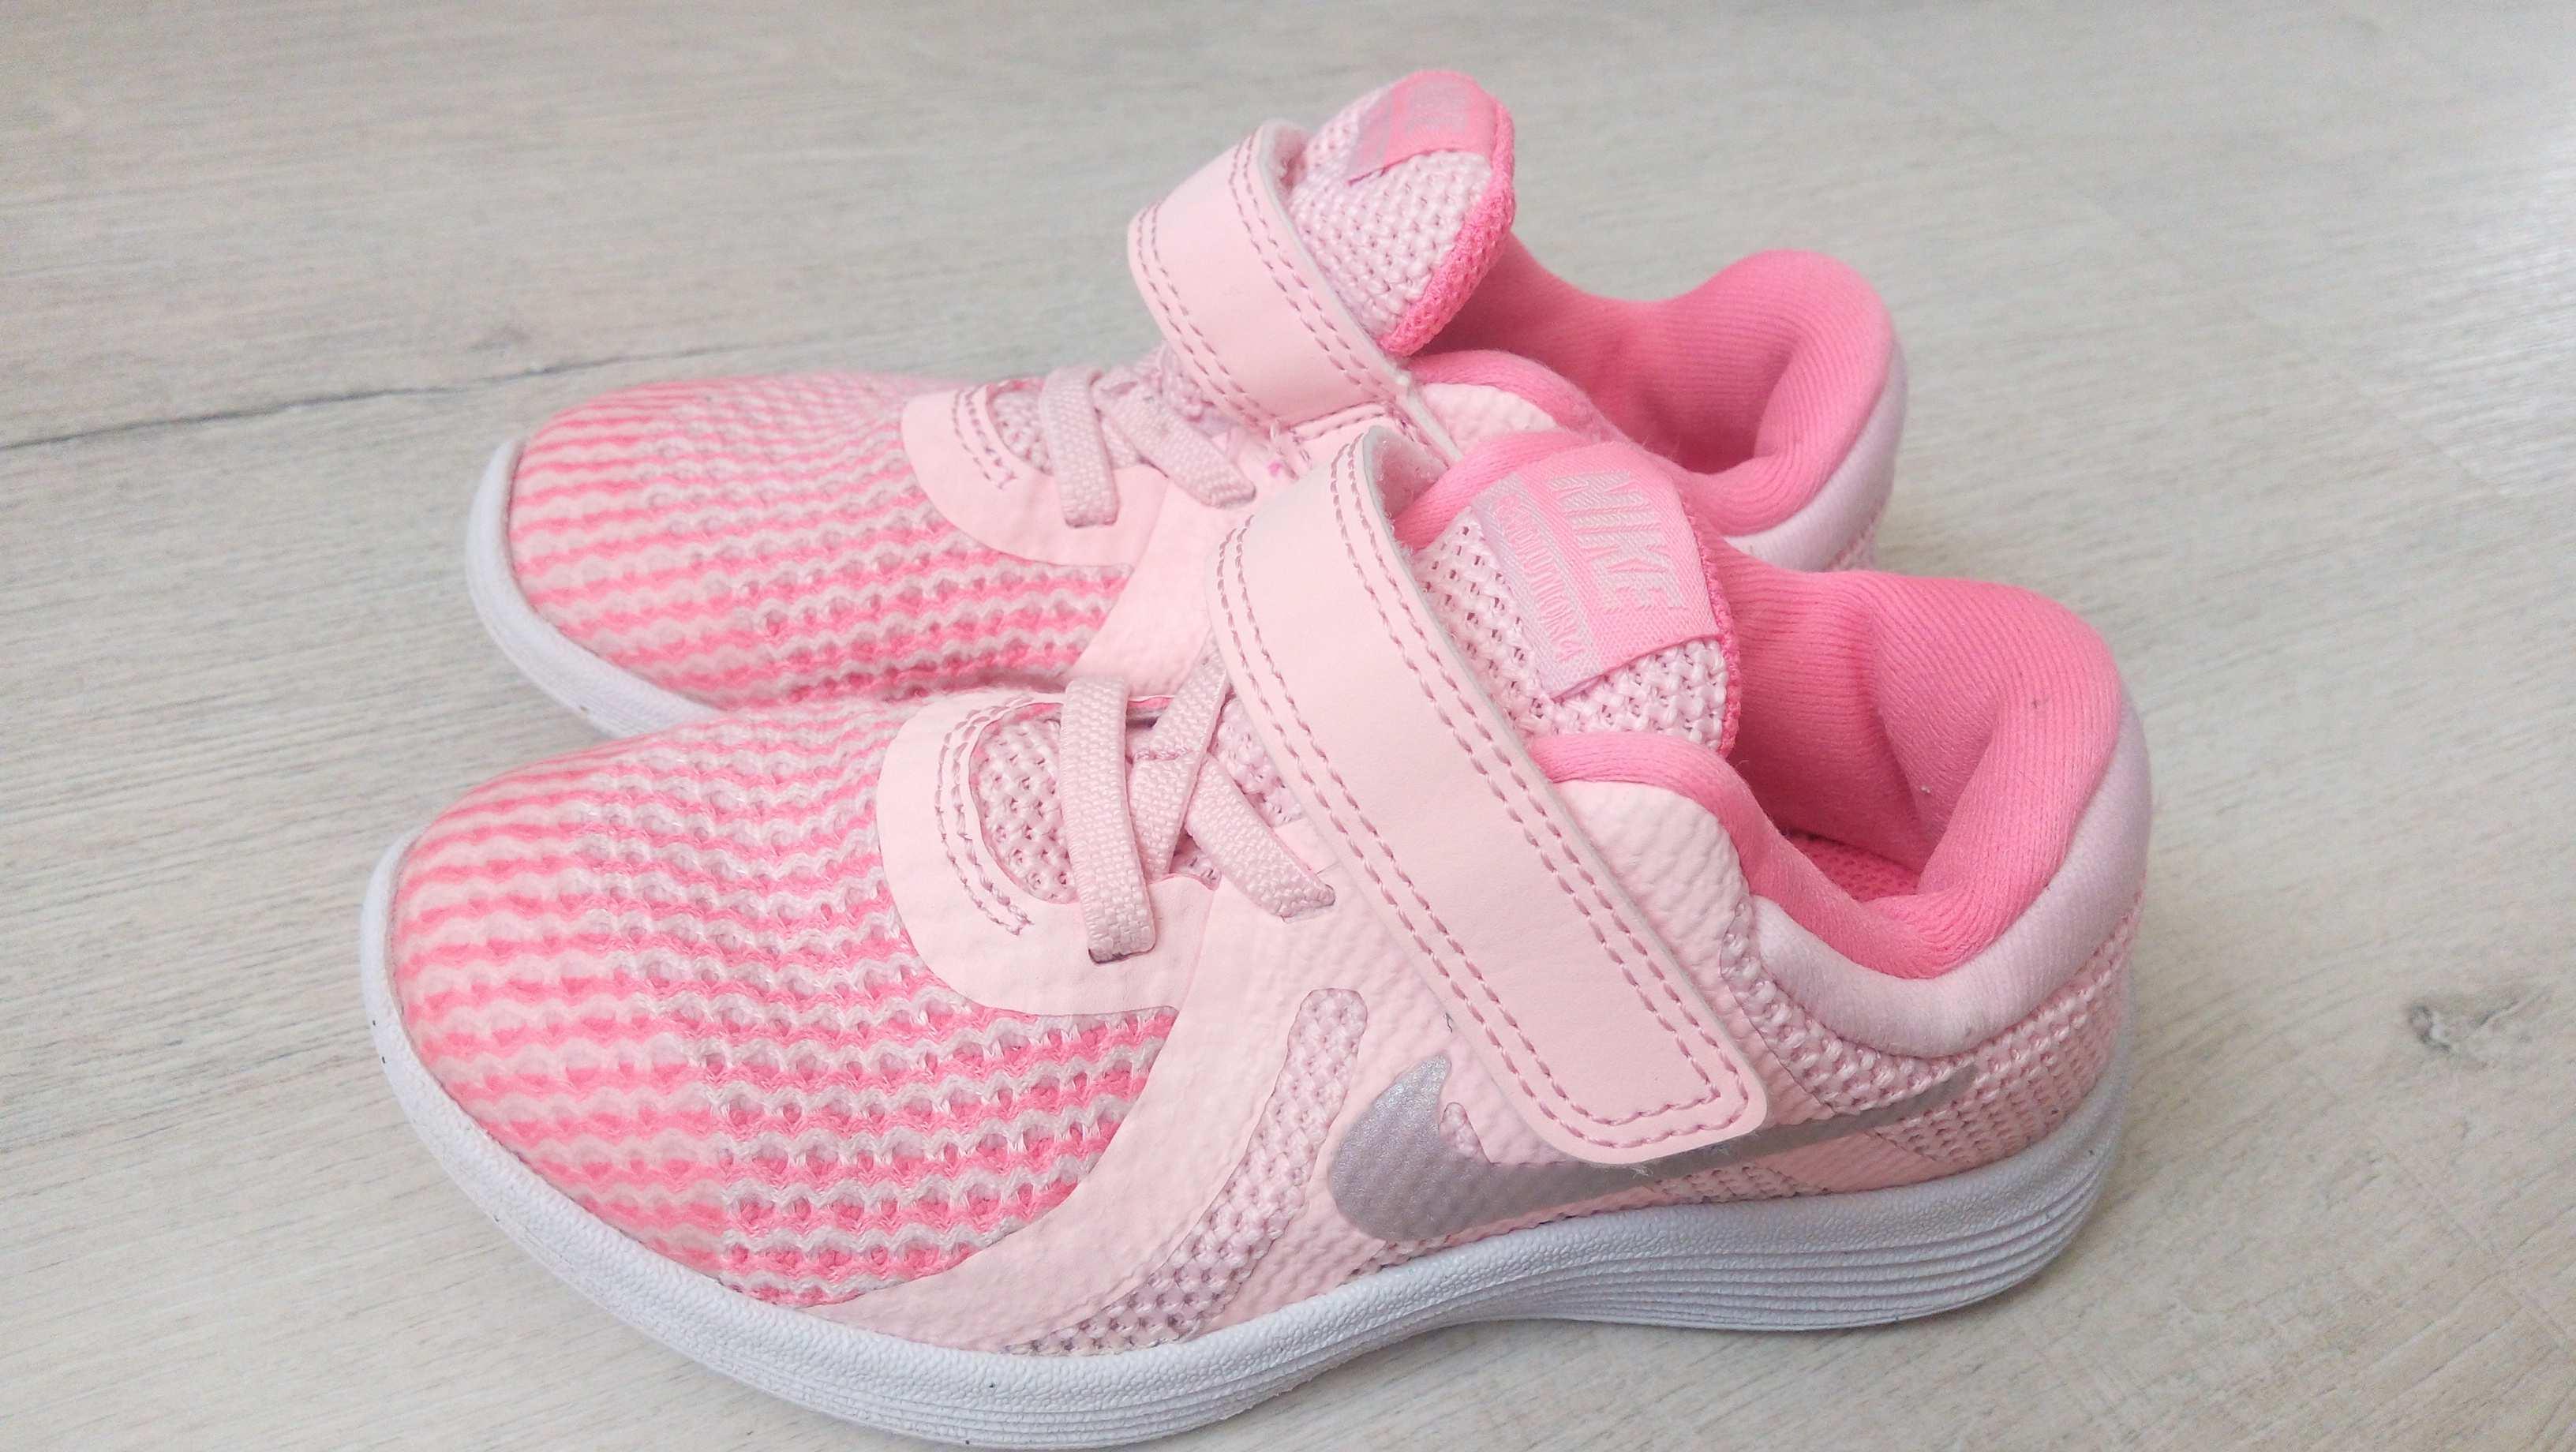 26 (16 см) Nike 2017 Оригинал! Кроссовки девочке. Цена, купить 26 ... 8ccebf322c0